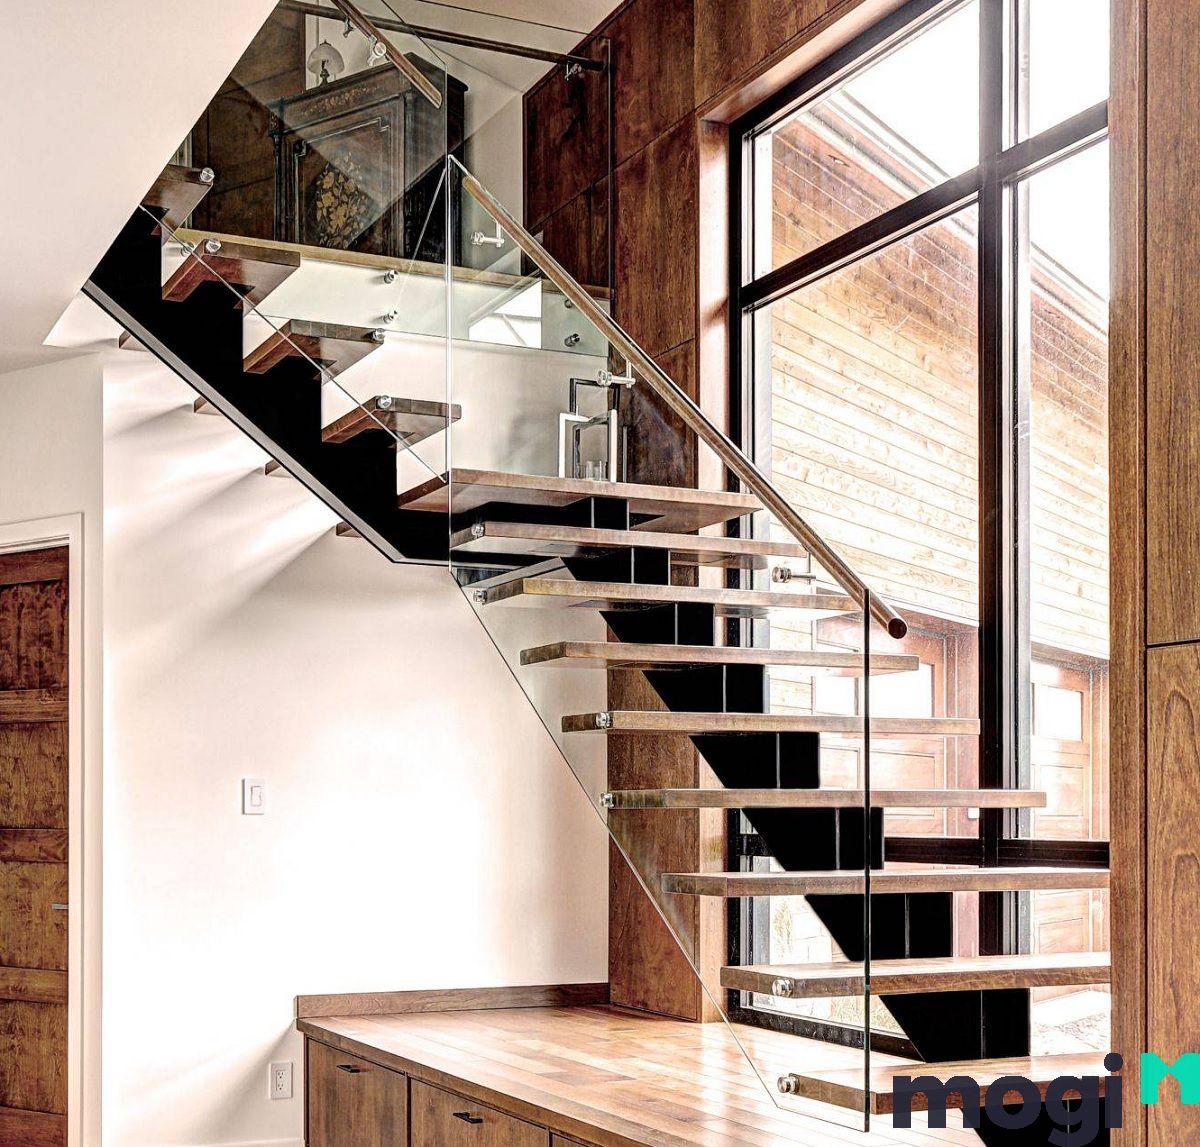 Bạn nên đo đạc kỹ và đánh dấu vị trí bắt đầu và kết thúc cầu thang.